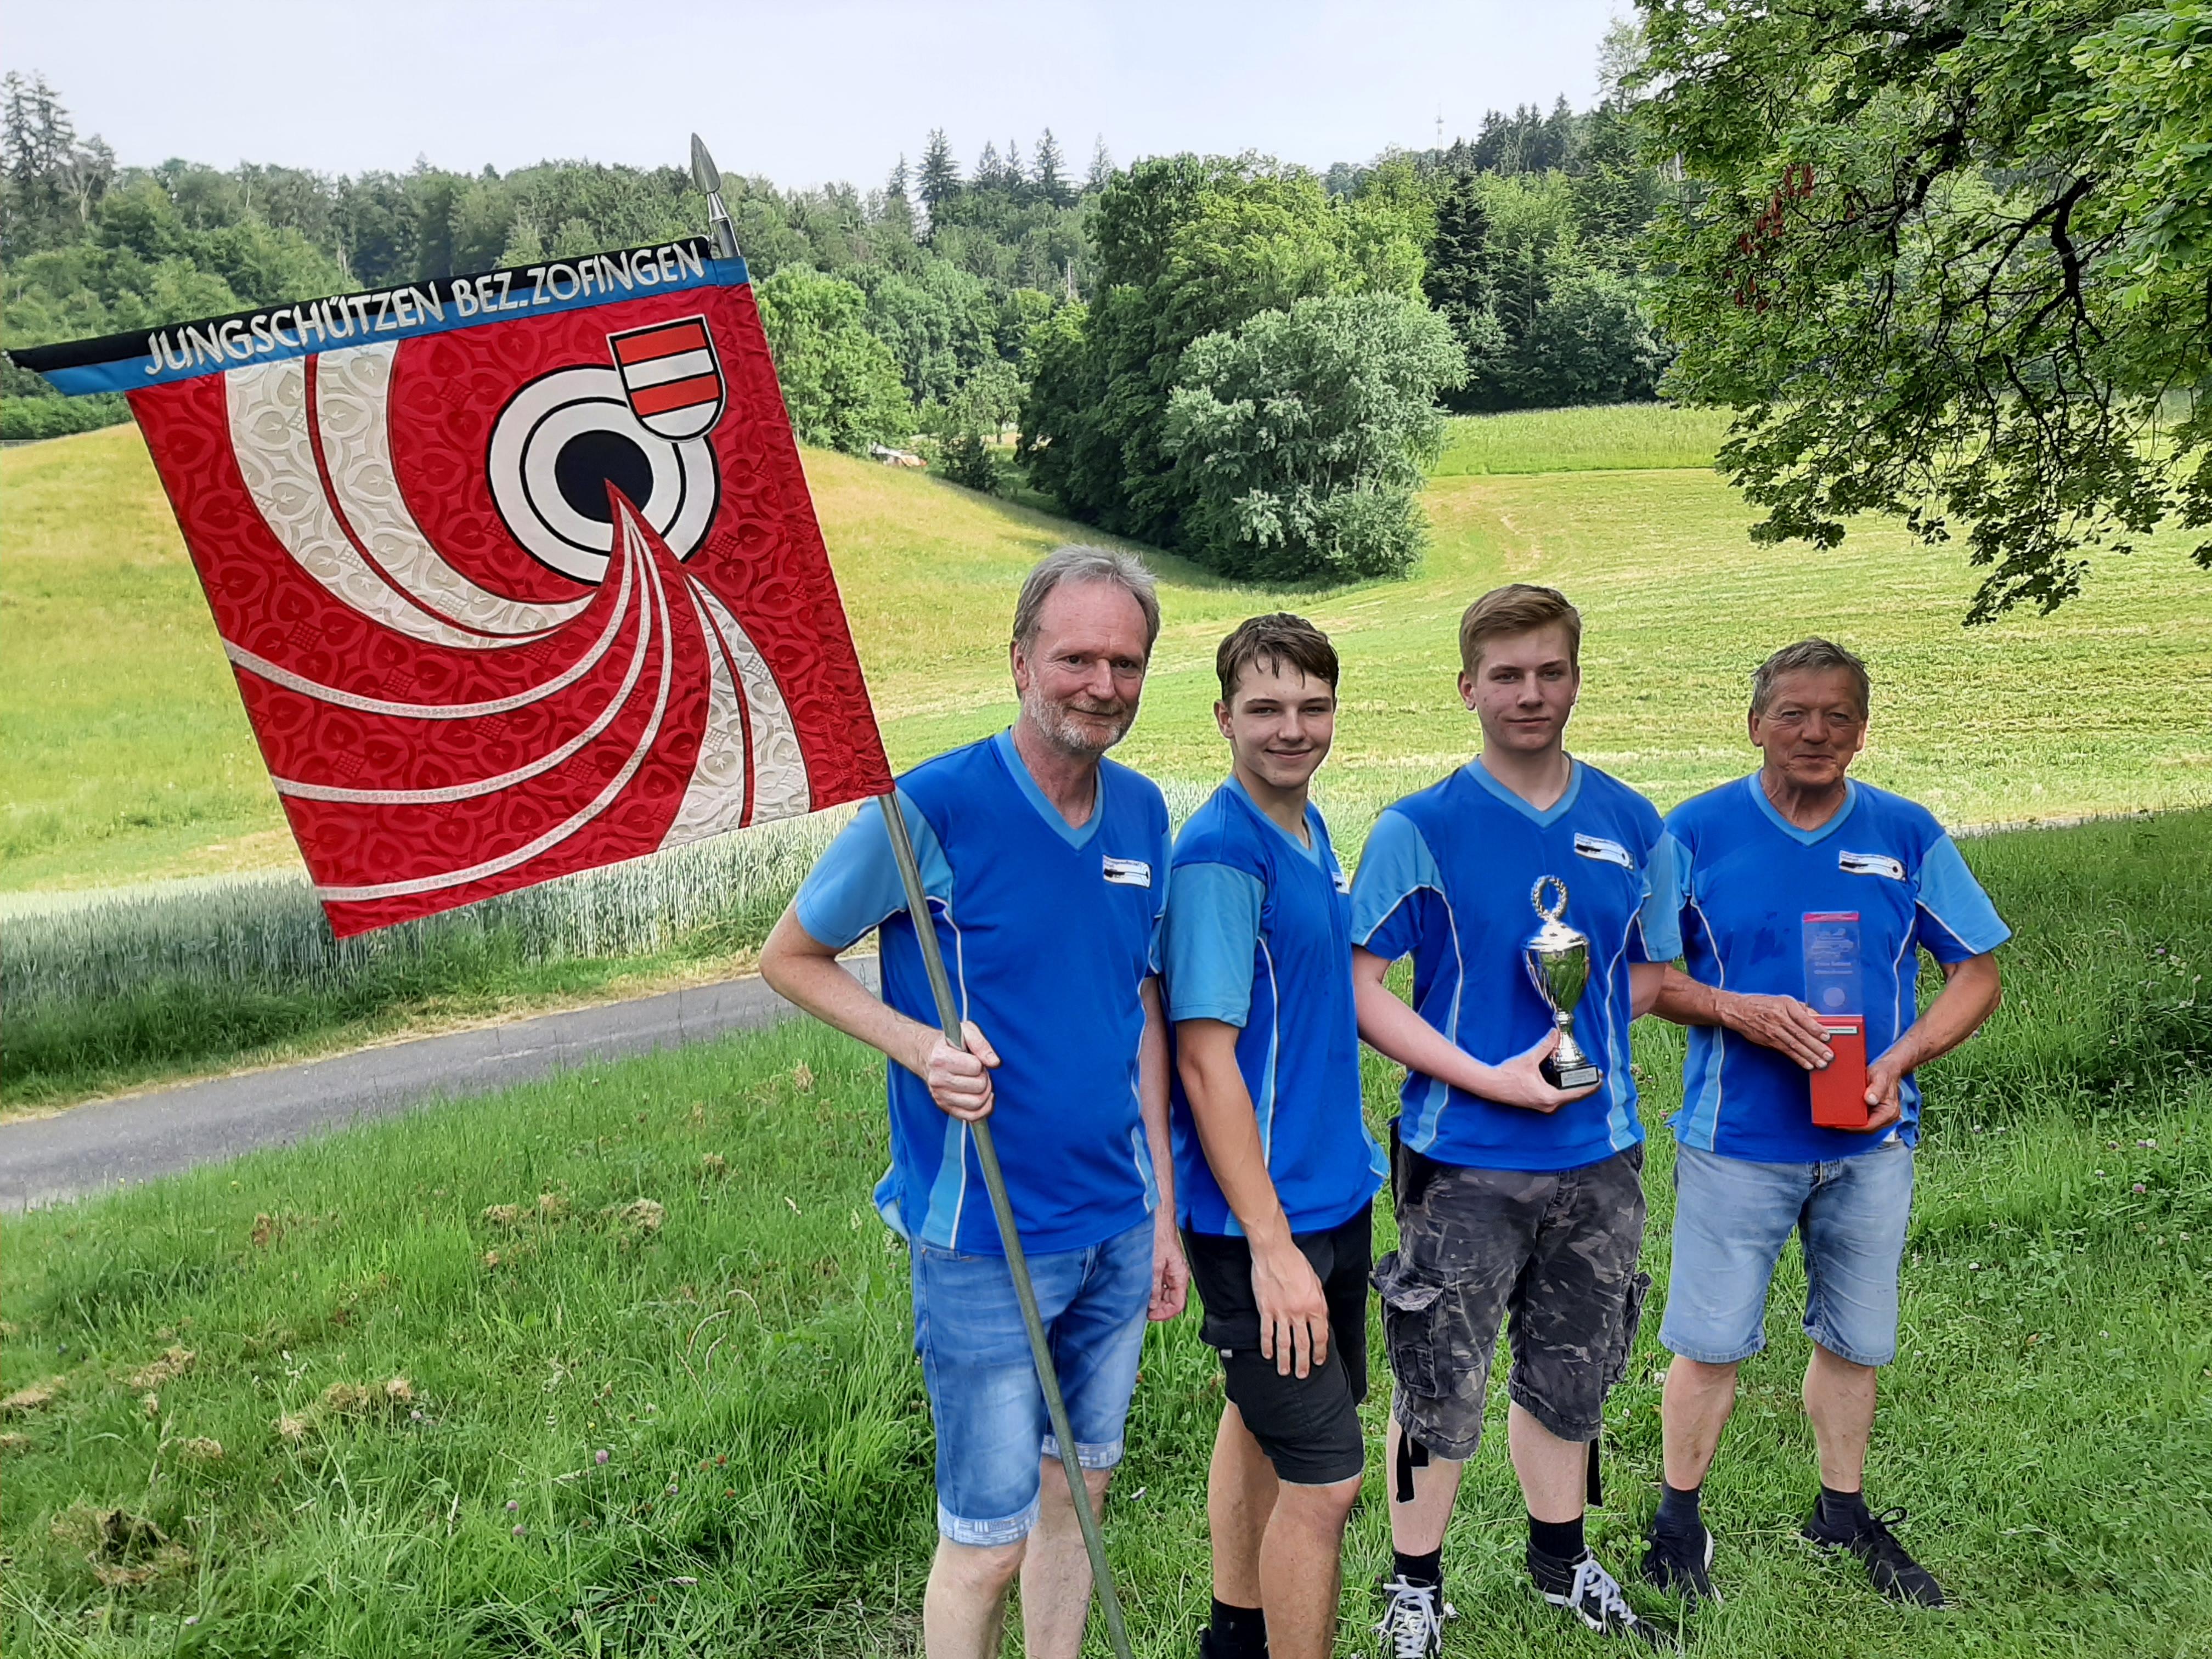 Jungschützen-wettschiessen 2021 Safenwil